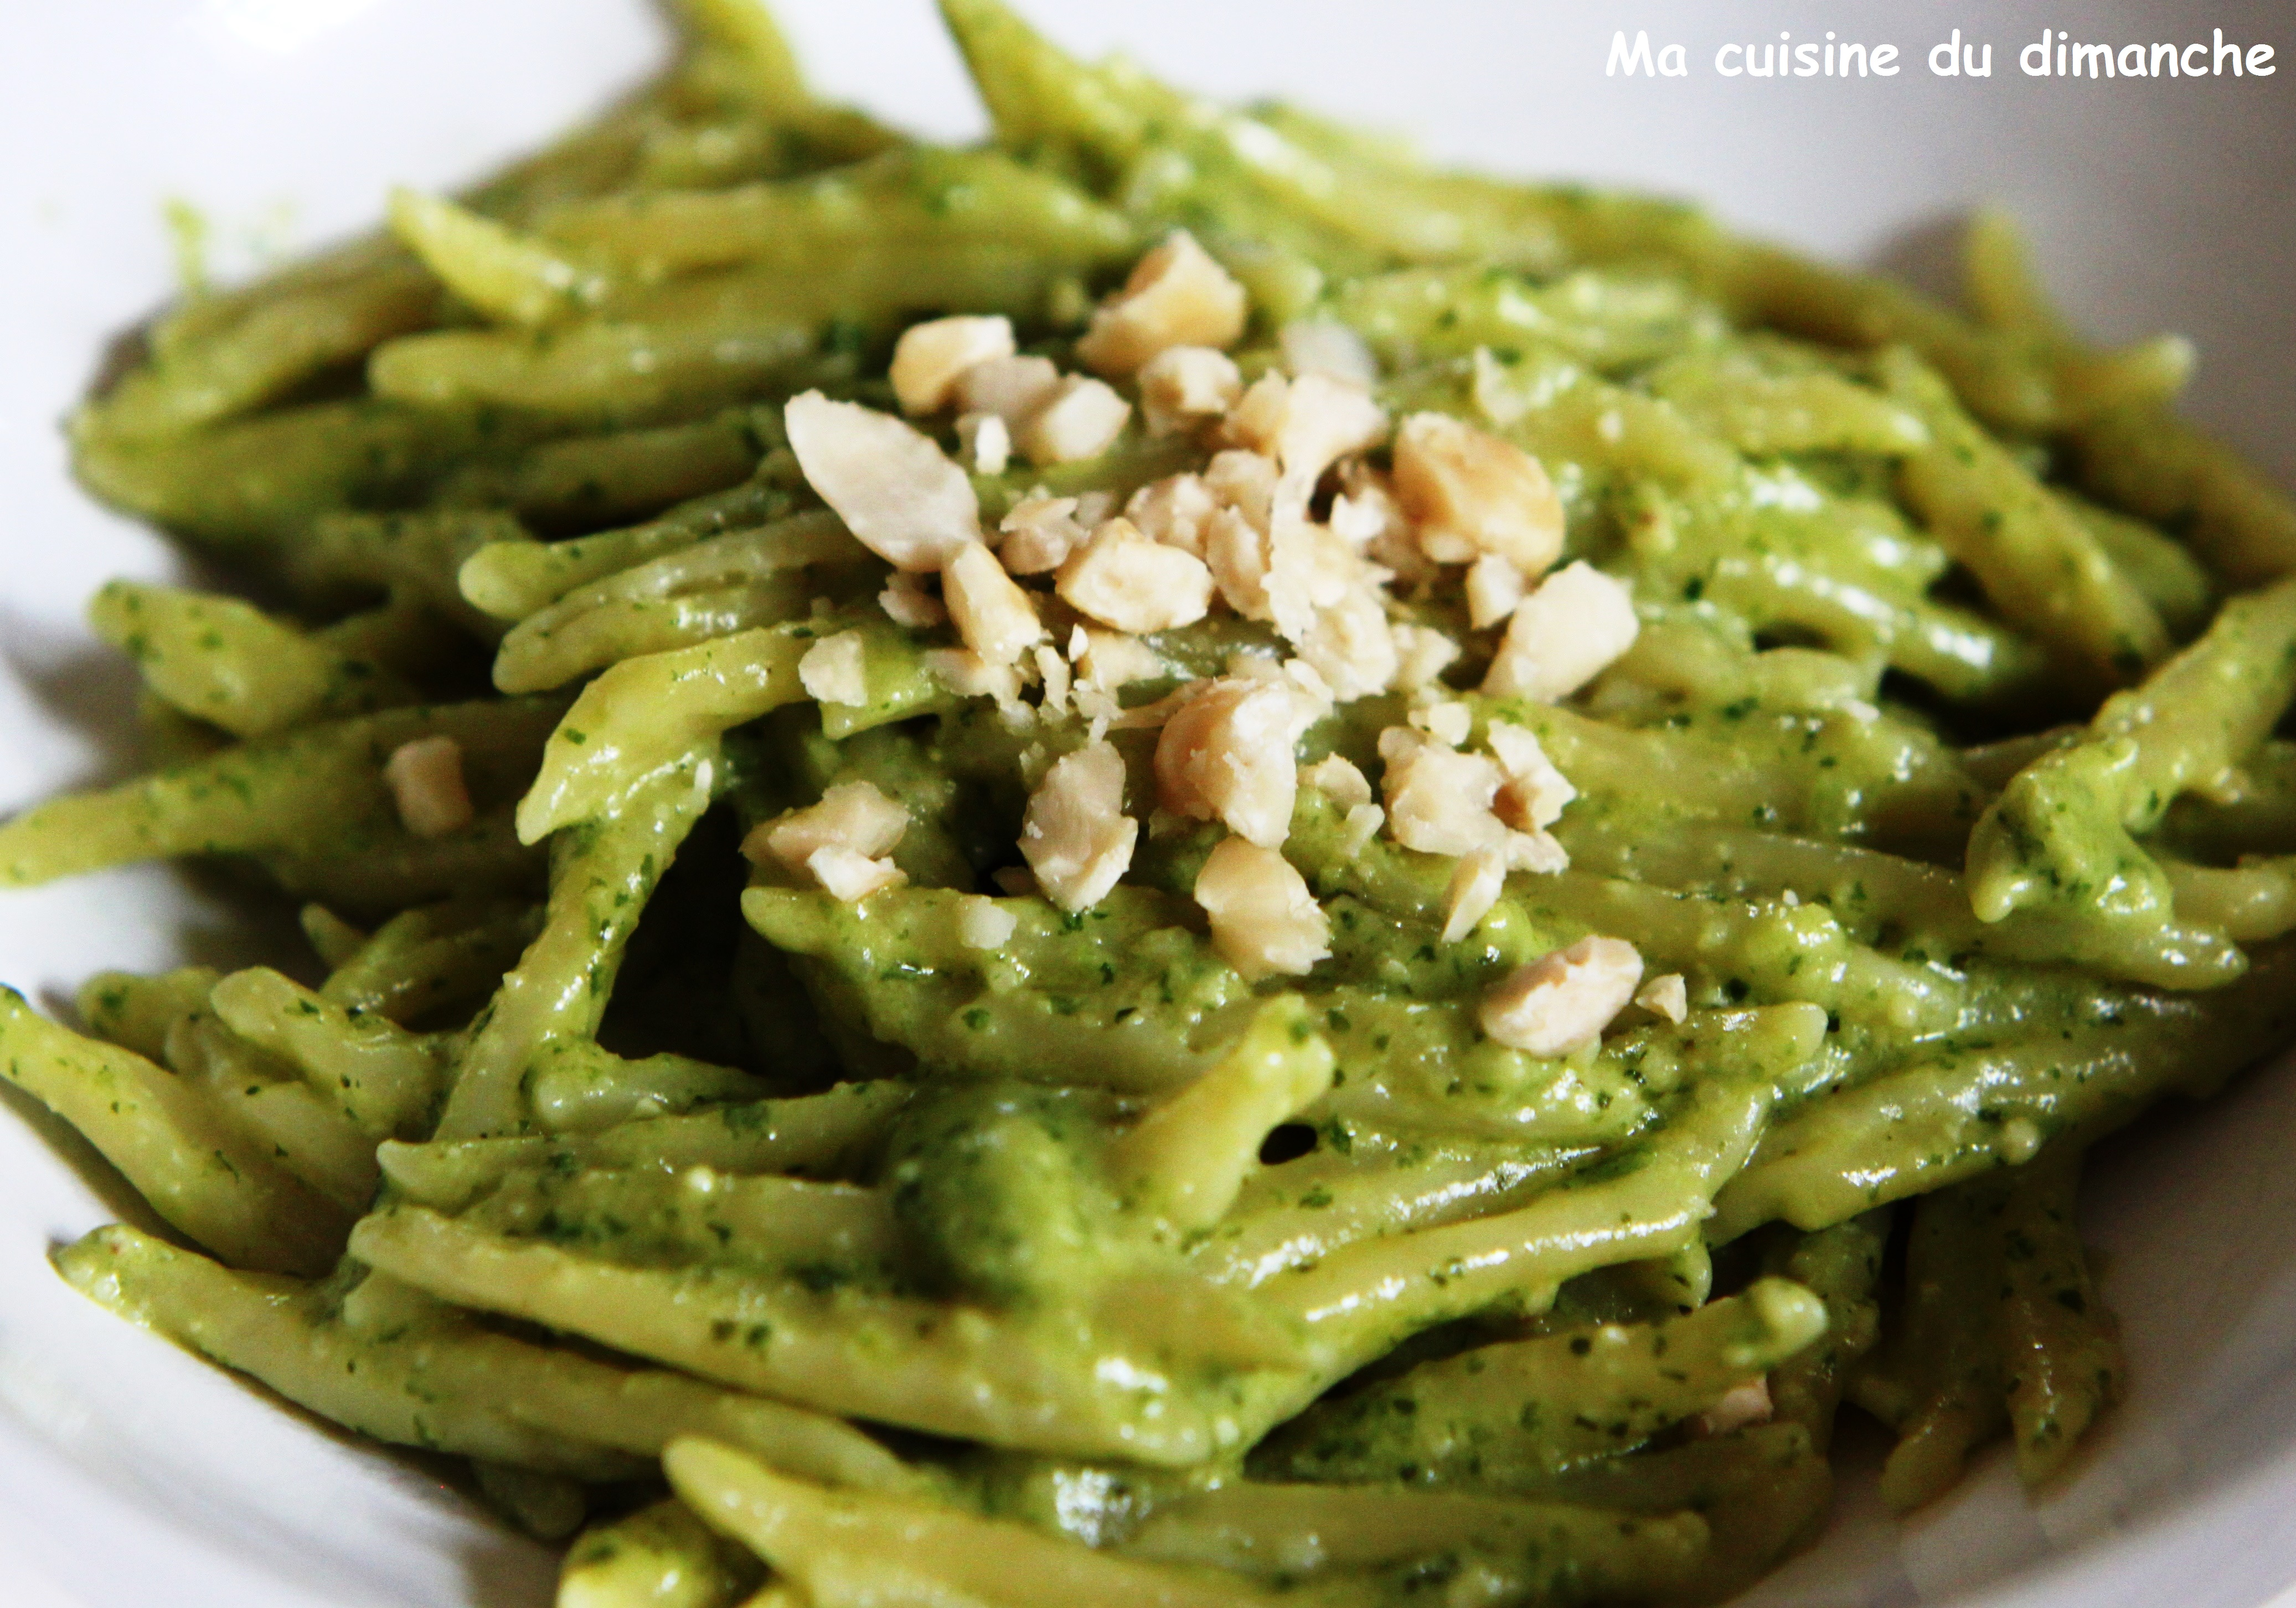 Pesto salade verte, noisettes  - Salade Pates Pesto